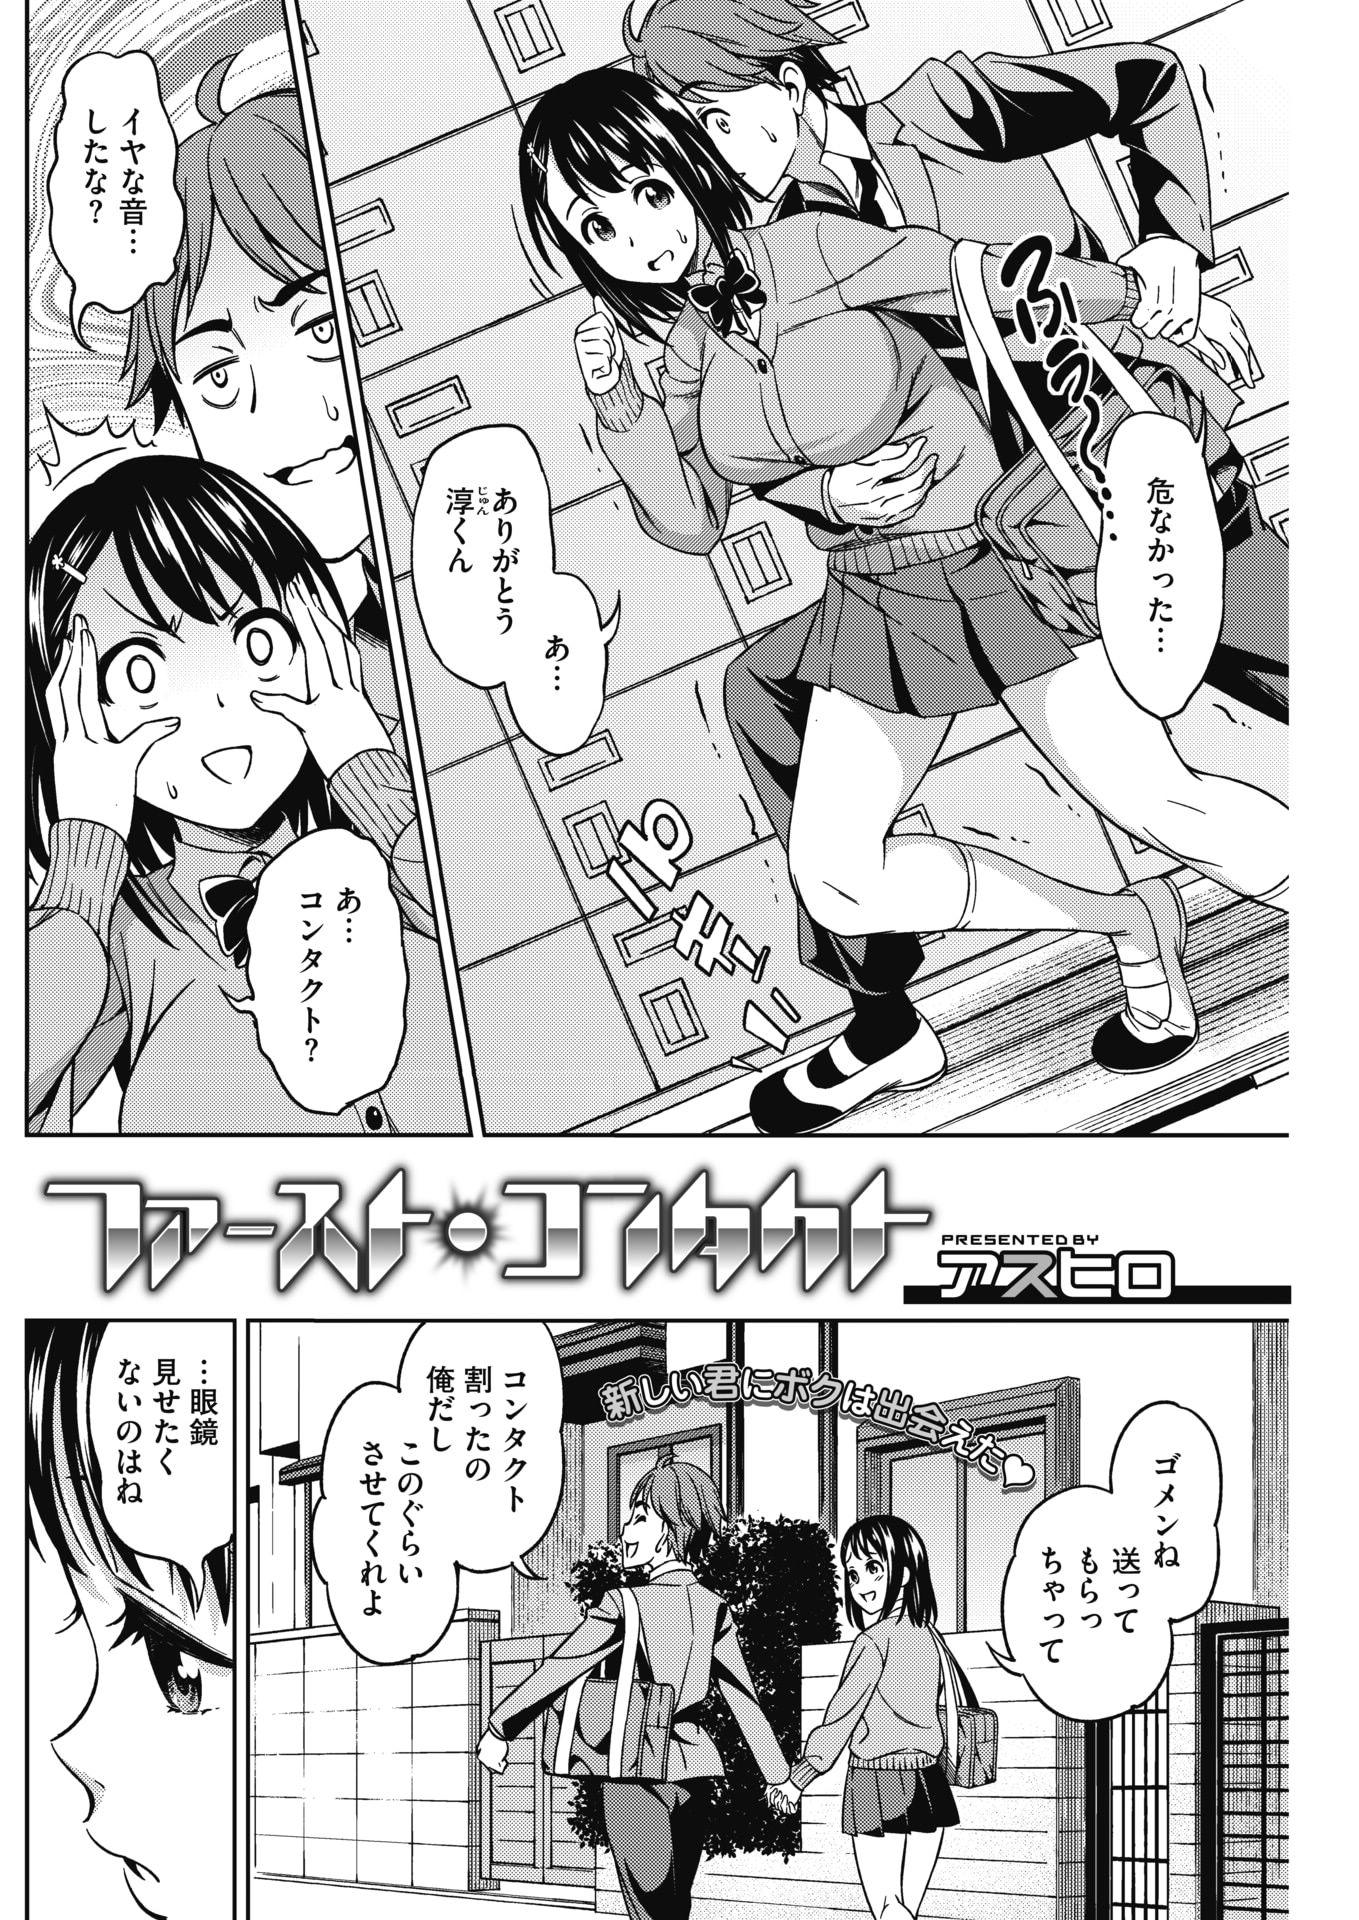 【エロ漫画】彼氏のお願いで眼鏡姿を披露する清楚な巨乳JKが褒められ嬉しくなり大胆にバキュームフェラしていちゃラブエッチ!